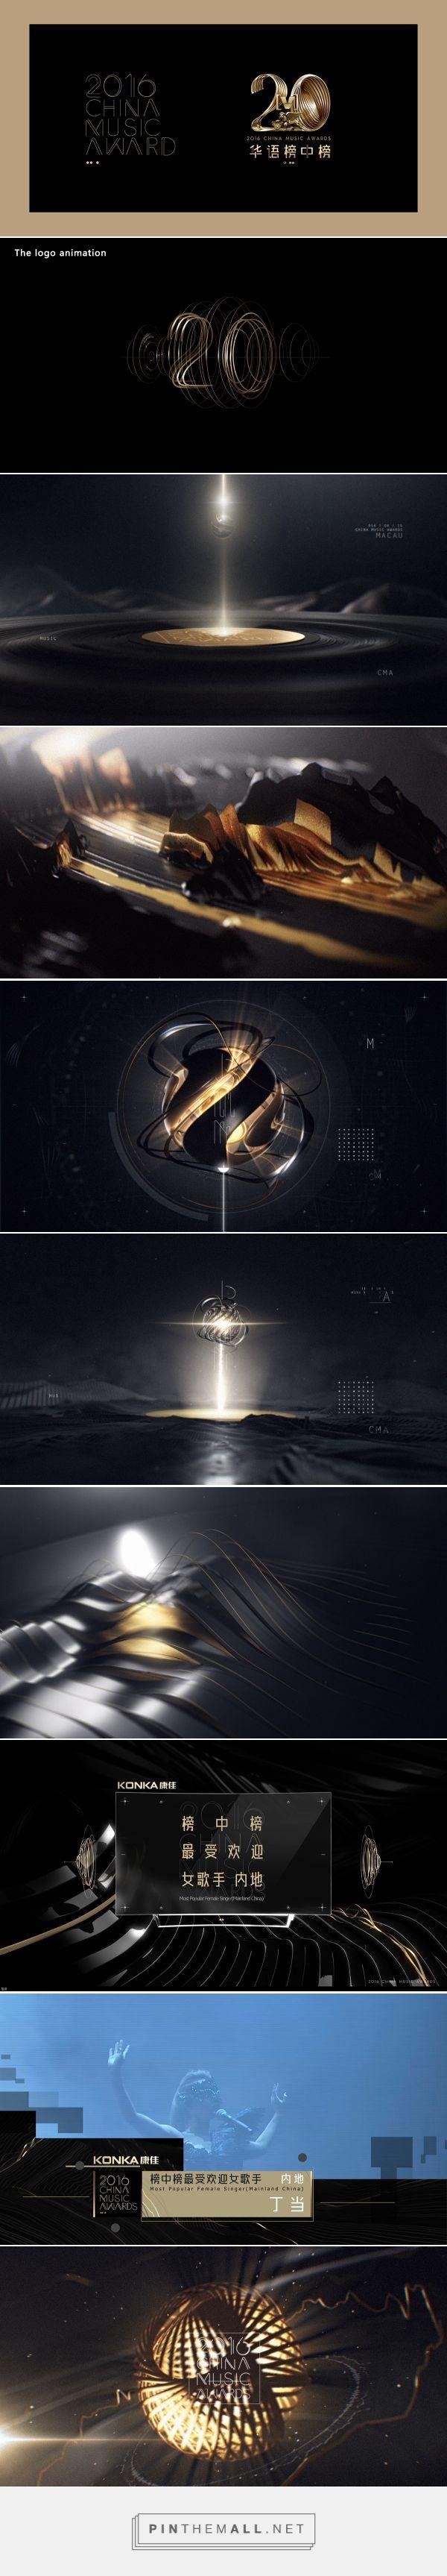 2016 China Music Awards Opening on Behance - created on 2016-09-28 02:07:12